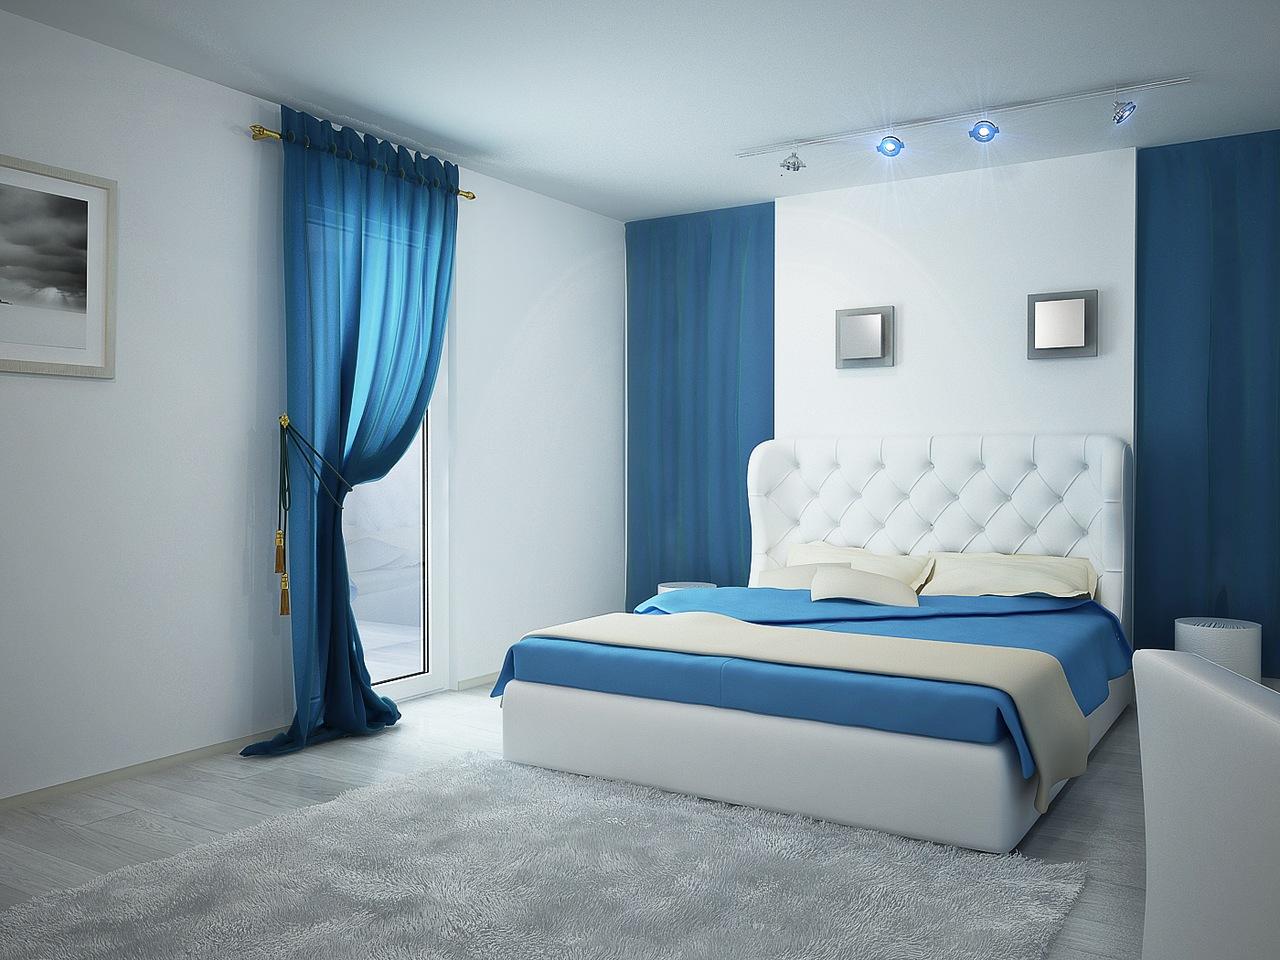 Дизайн спальни 1280 x 960